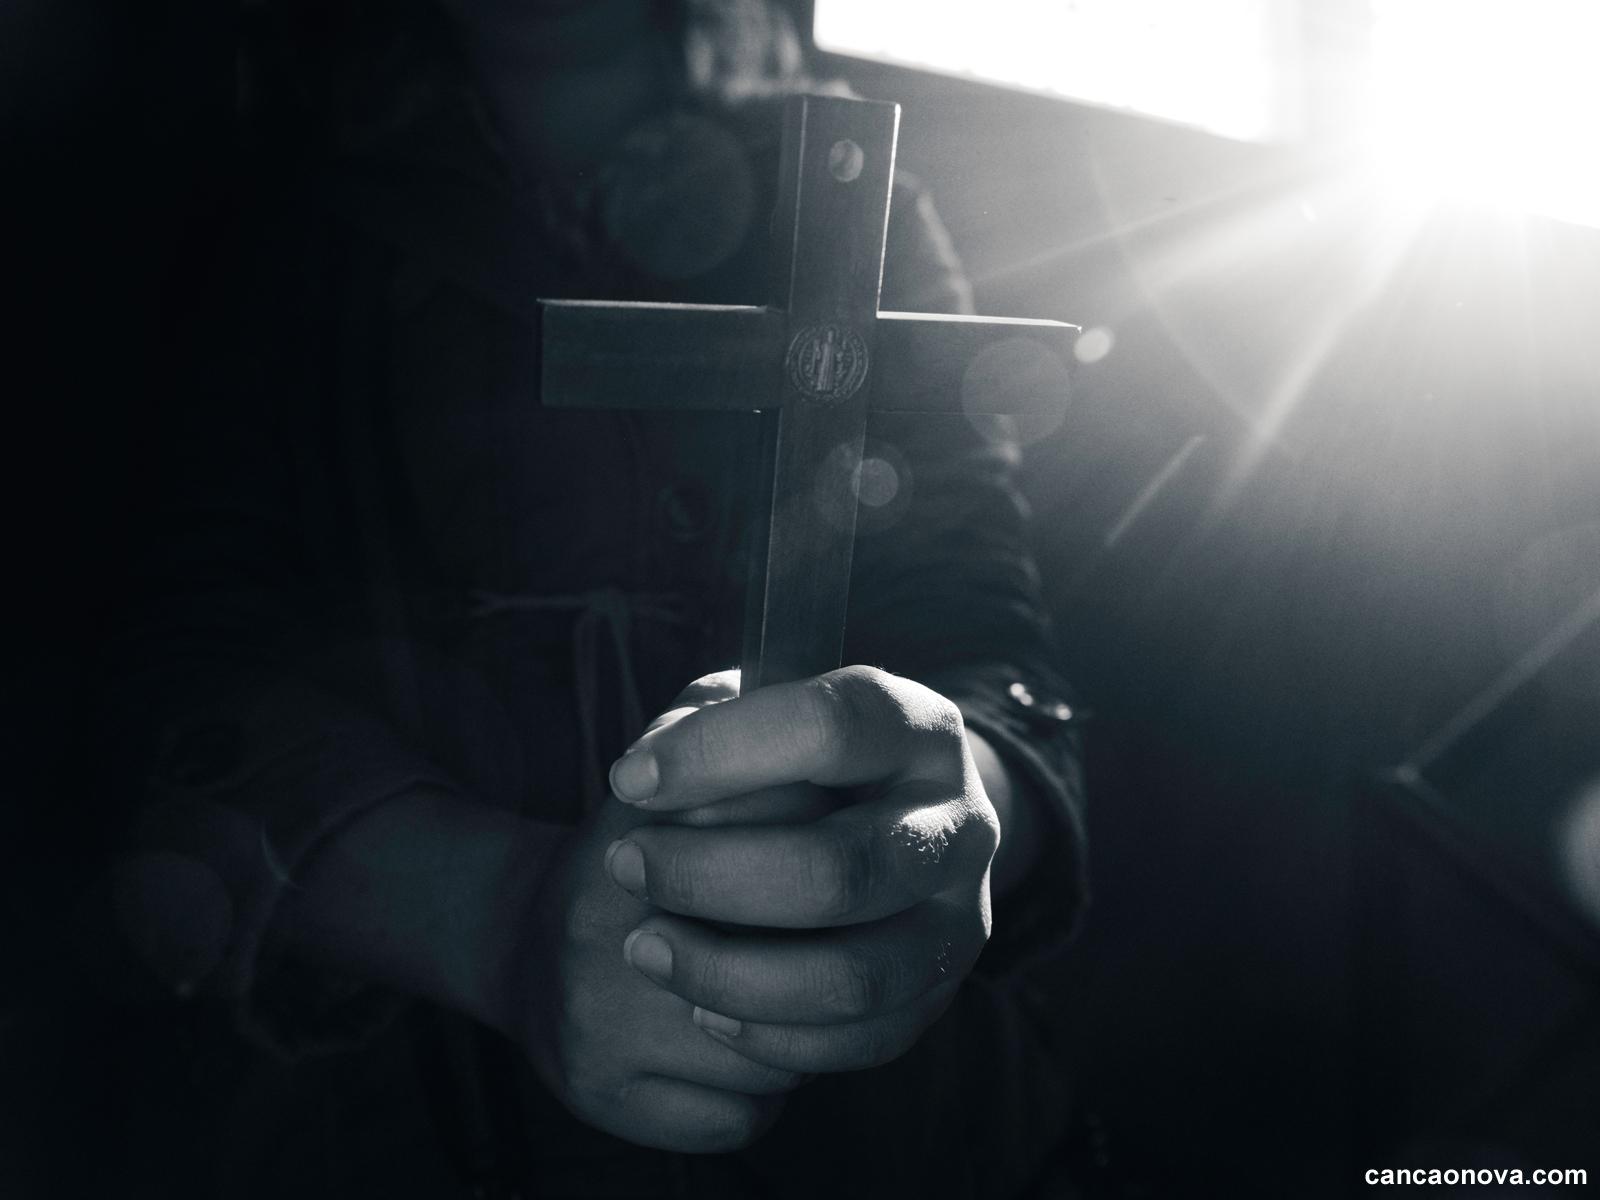 Demônio e exorcismo em 7 questões - 1600x1200 (2)